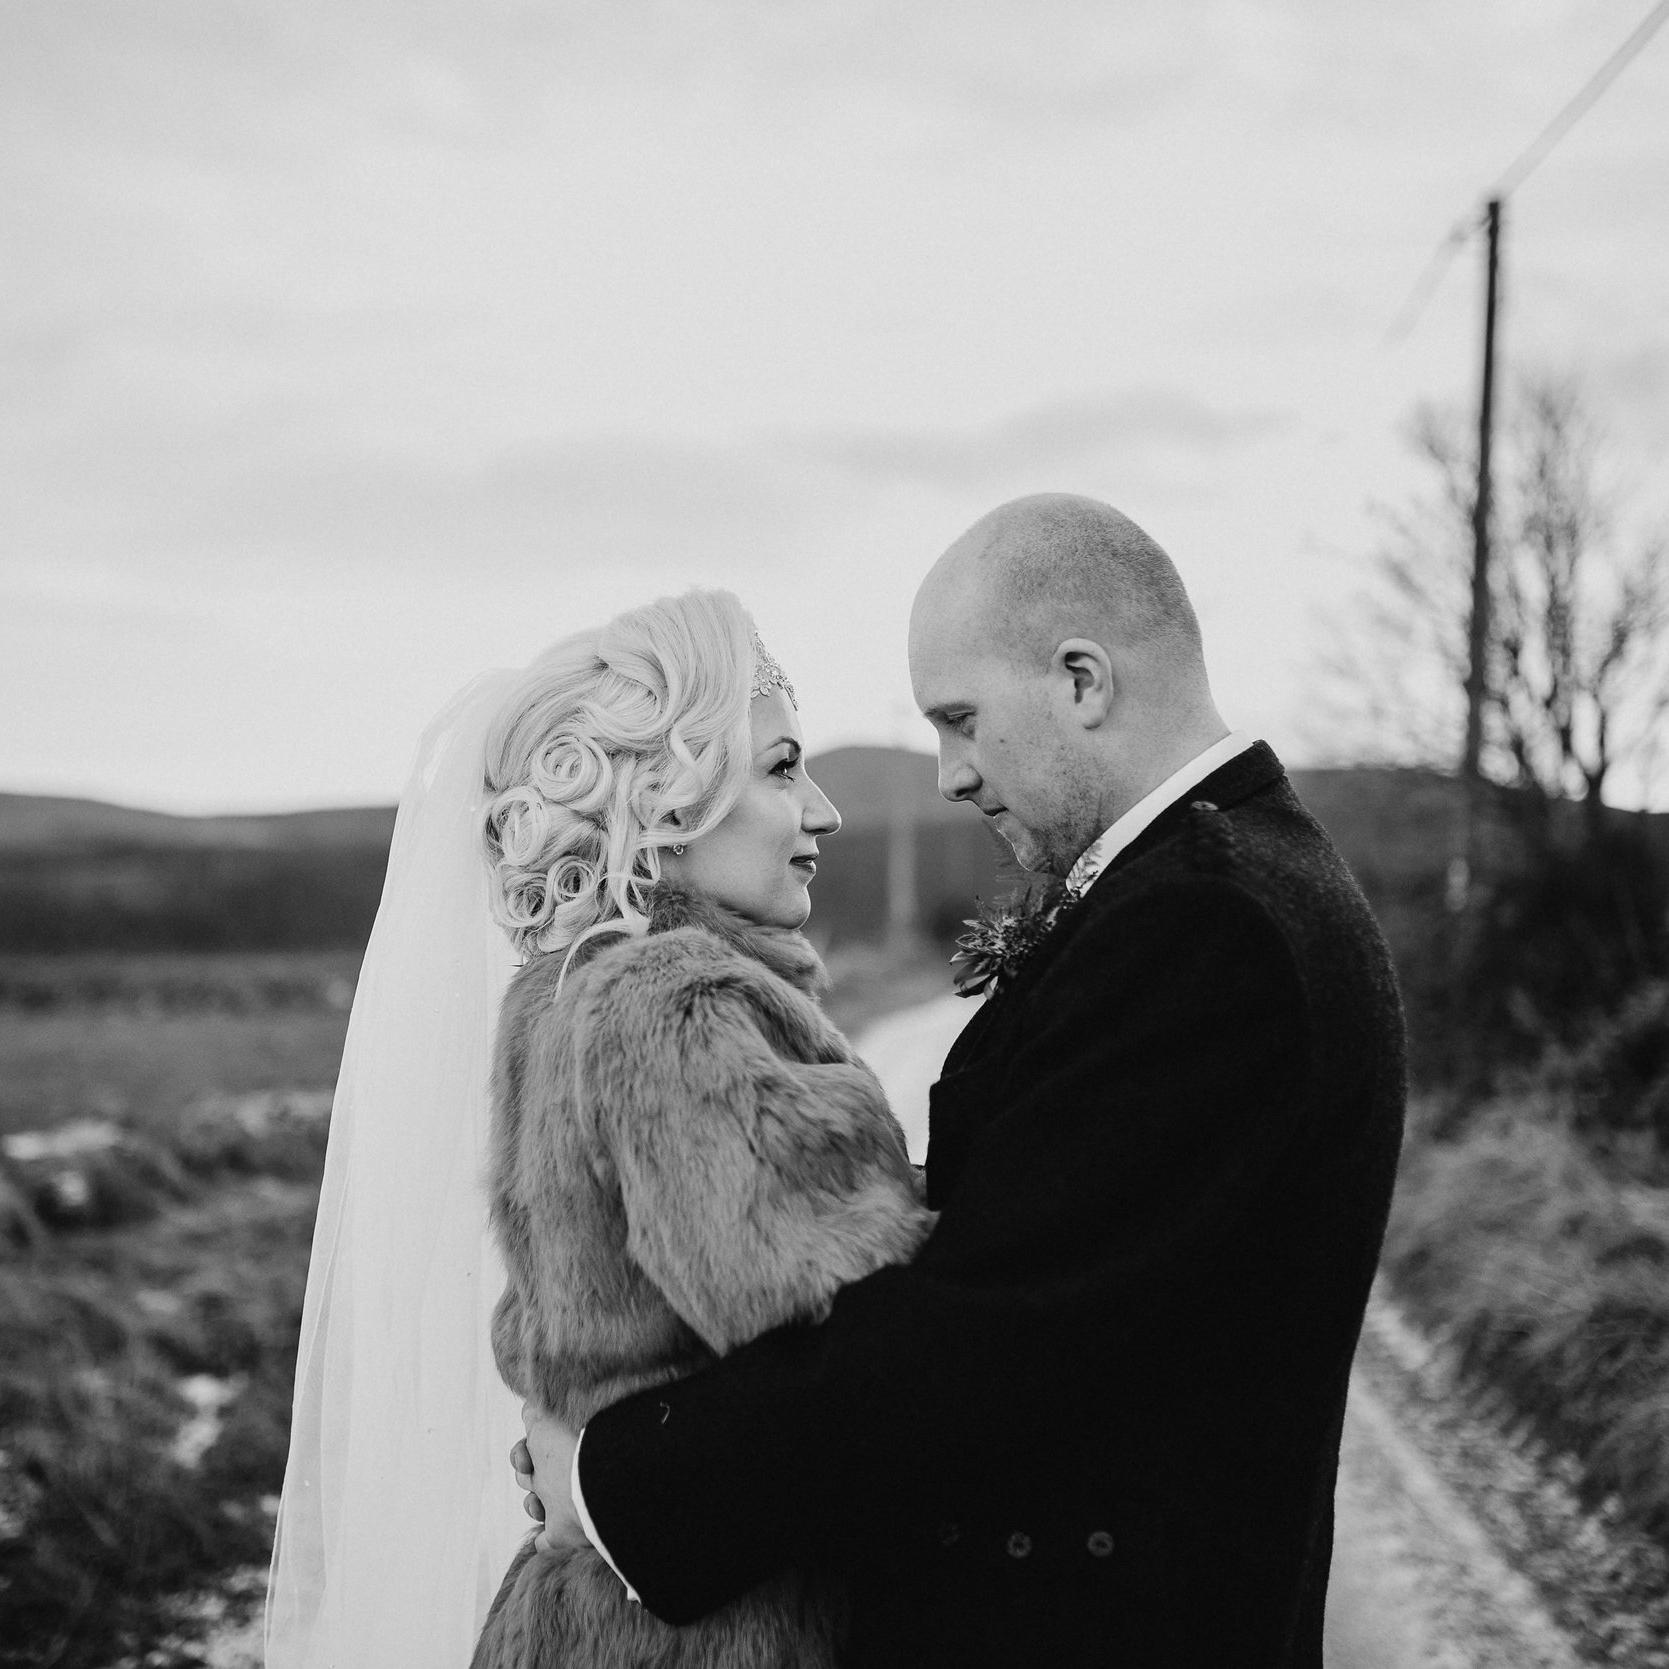 Nicola Stewart Photography    Website  |  Instagram  |  Facebook